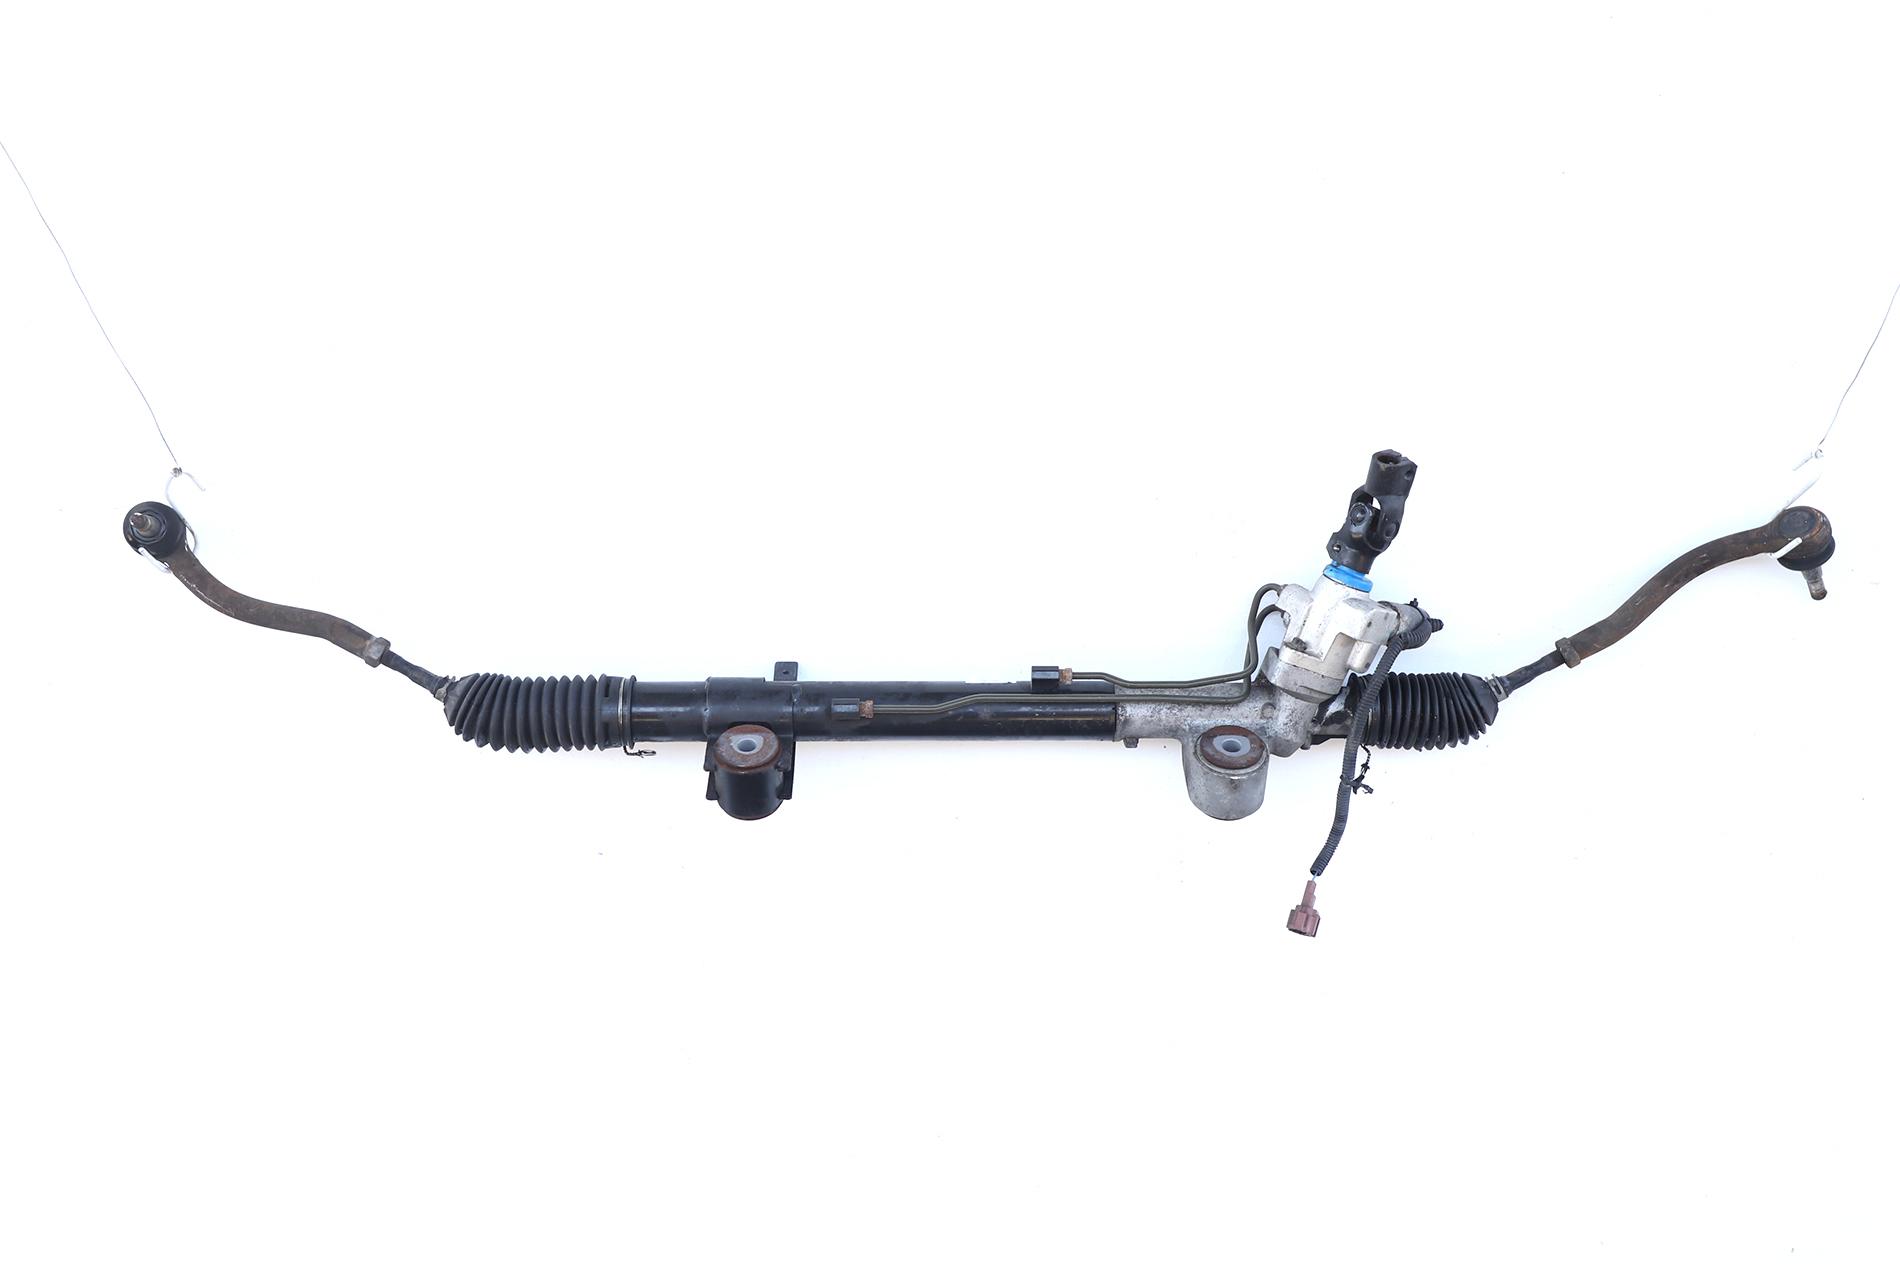 Infiniti G37 Sedan Power Steering Rack Amp And Pinion Awd